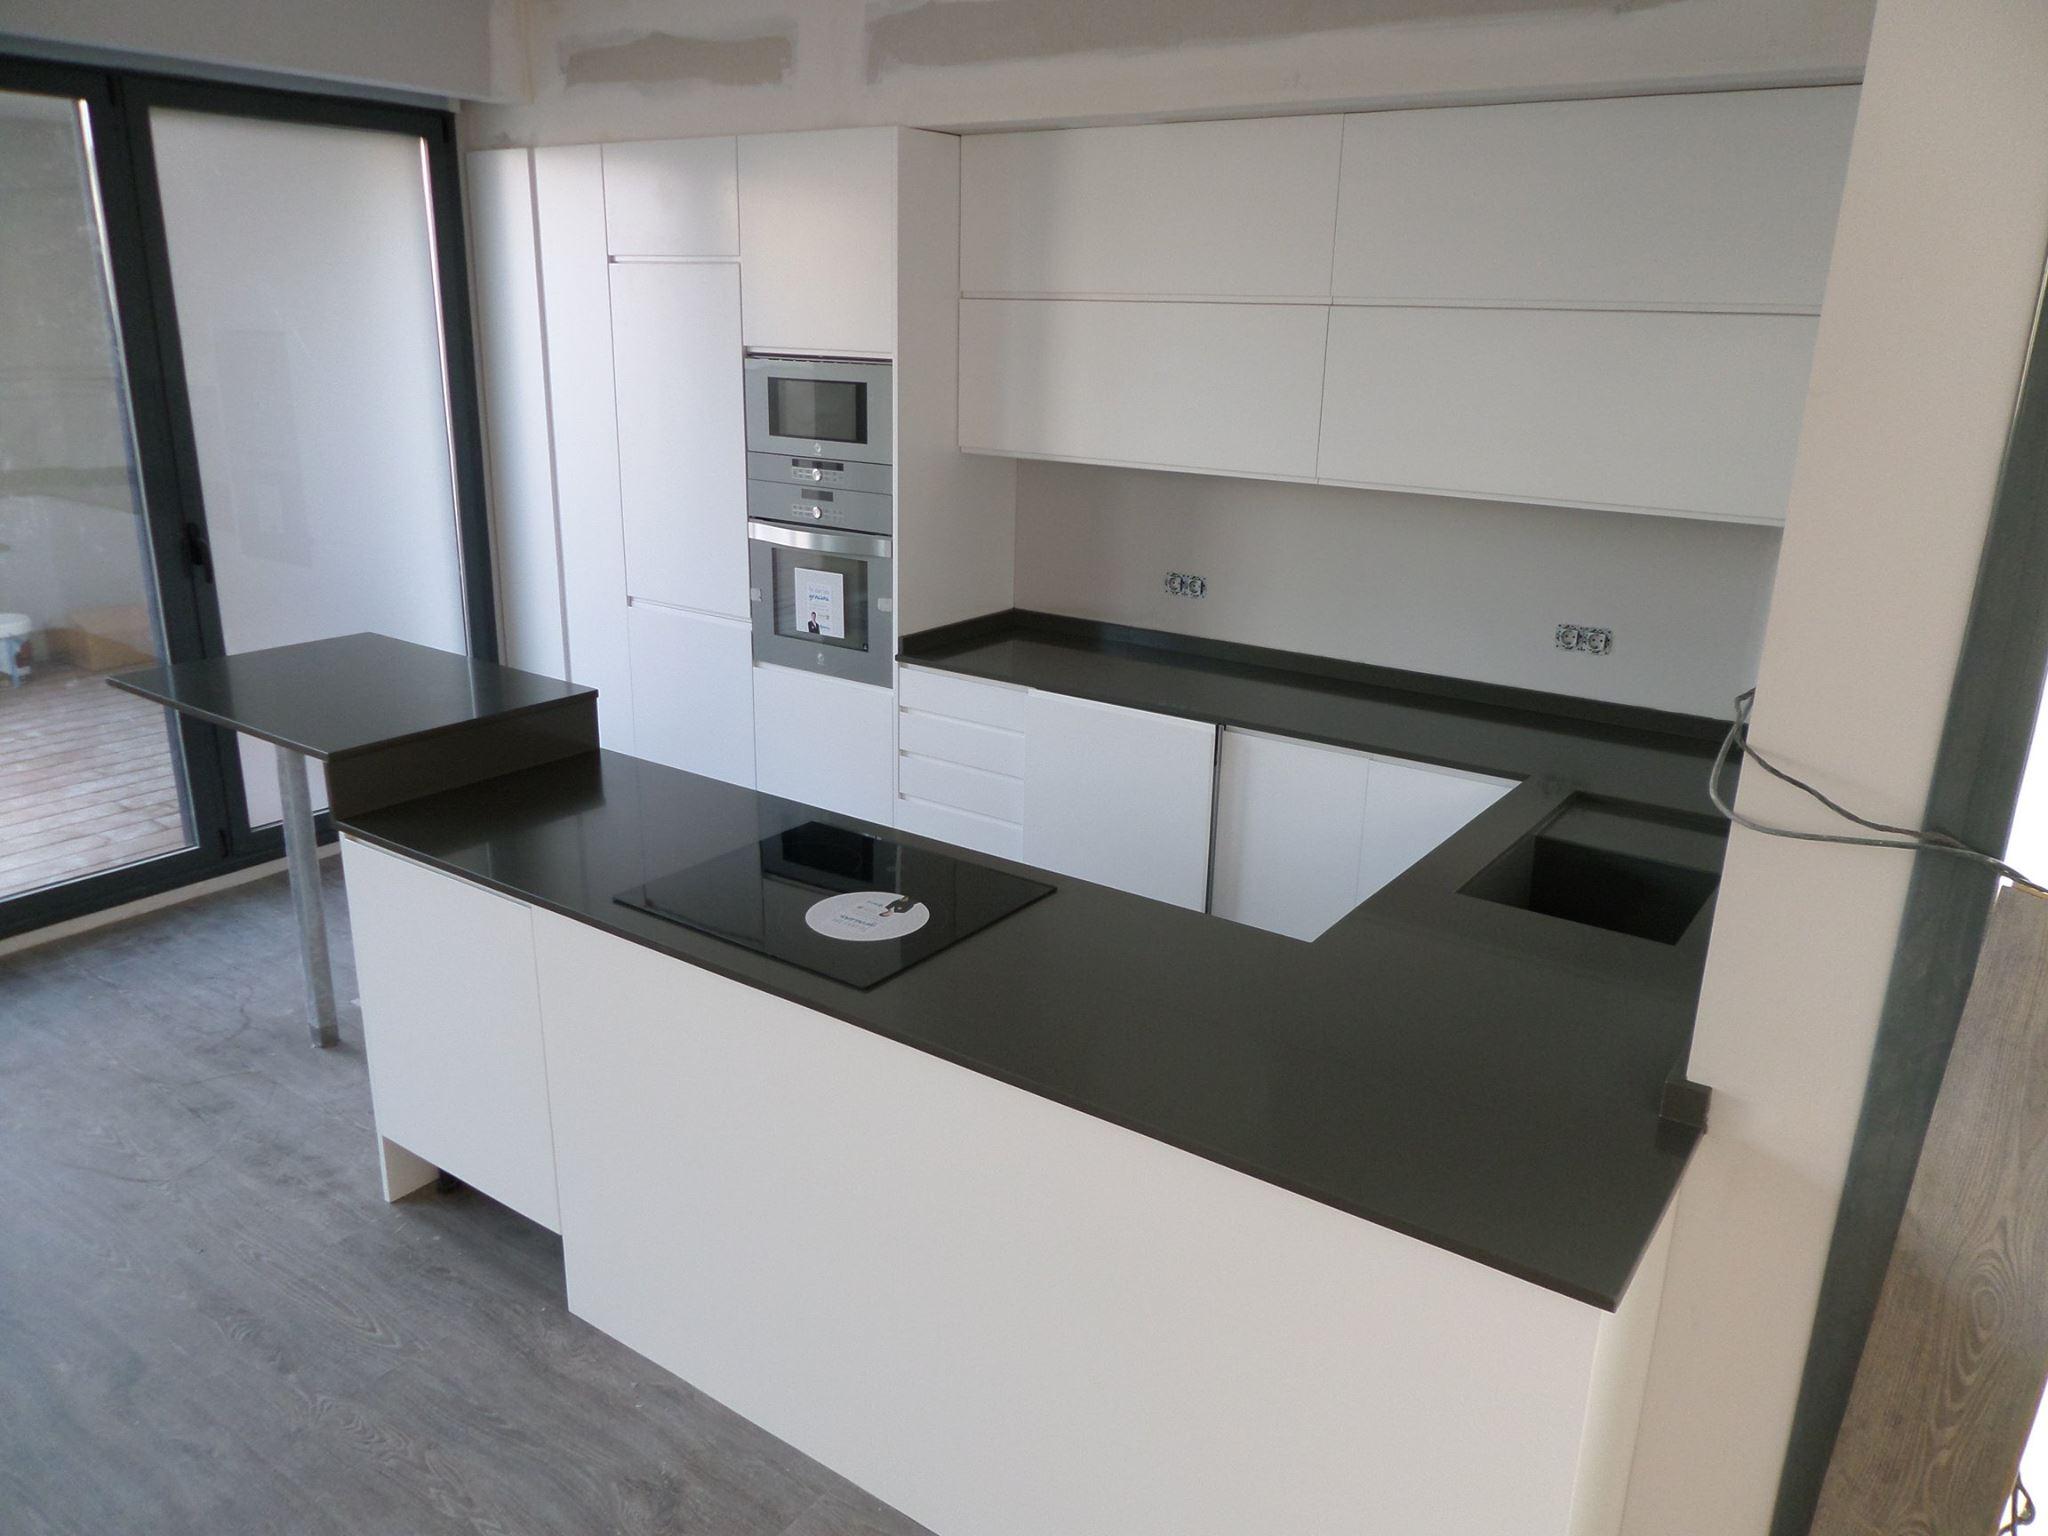 Bancada de Cocina en Silestone Cemento Spa Proyectos Marmolistas #6A5D4C 2048x1536